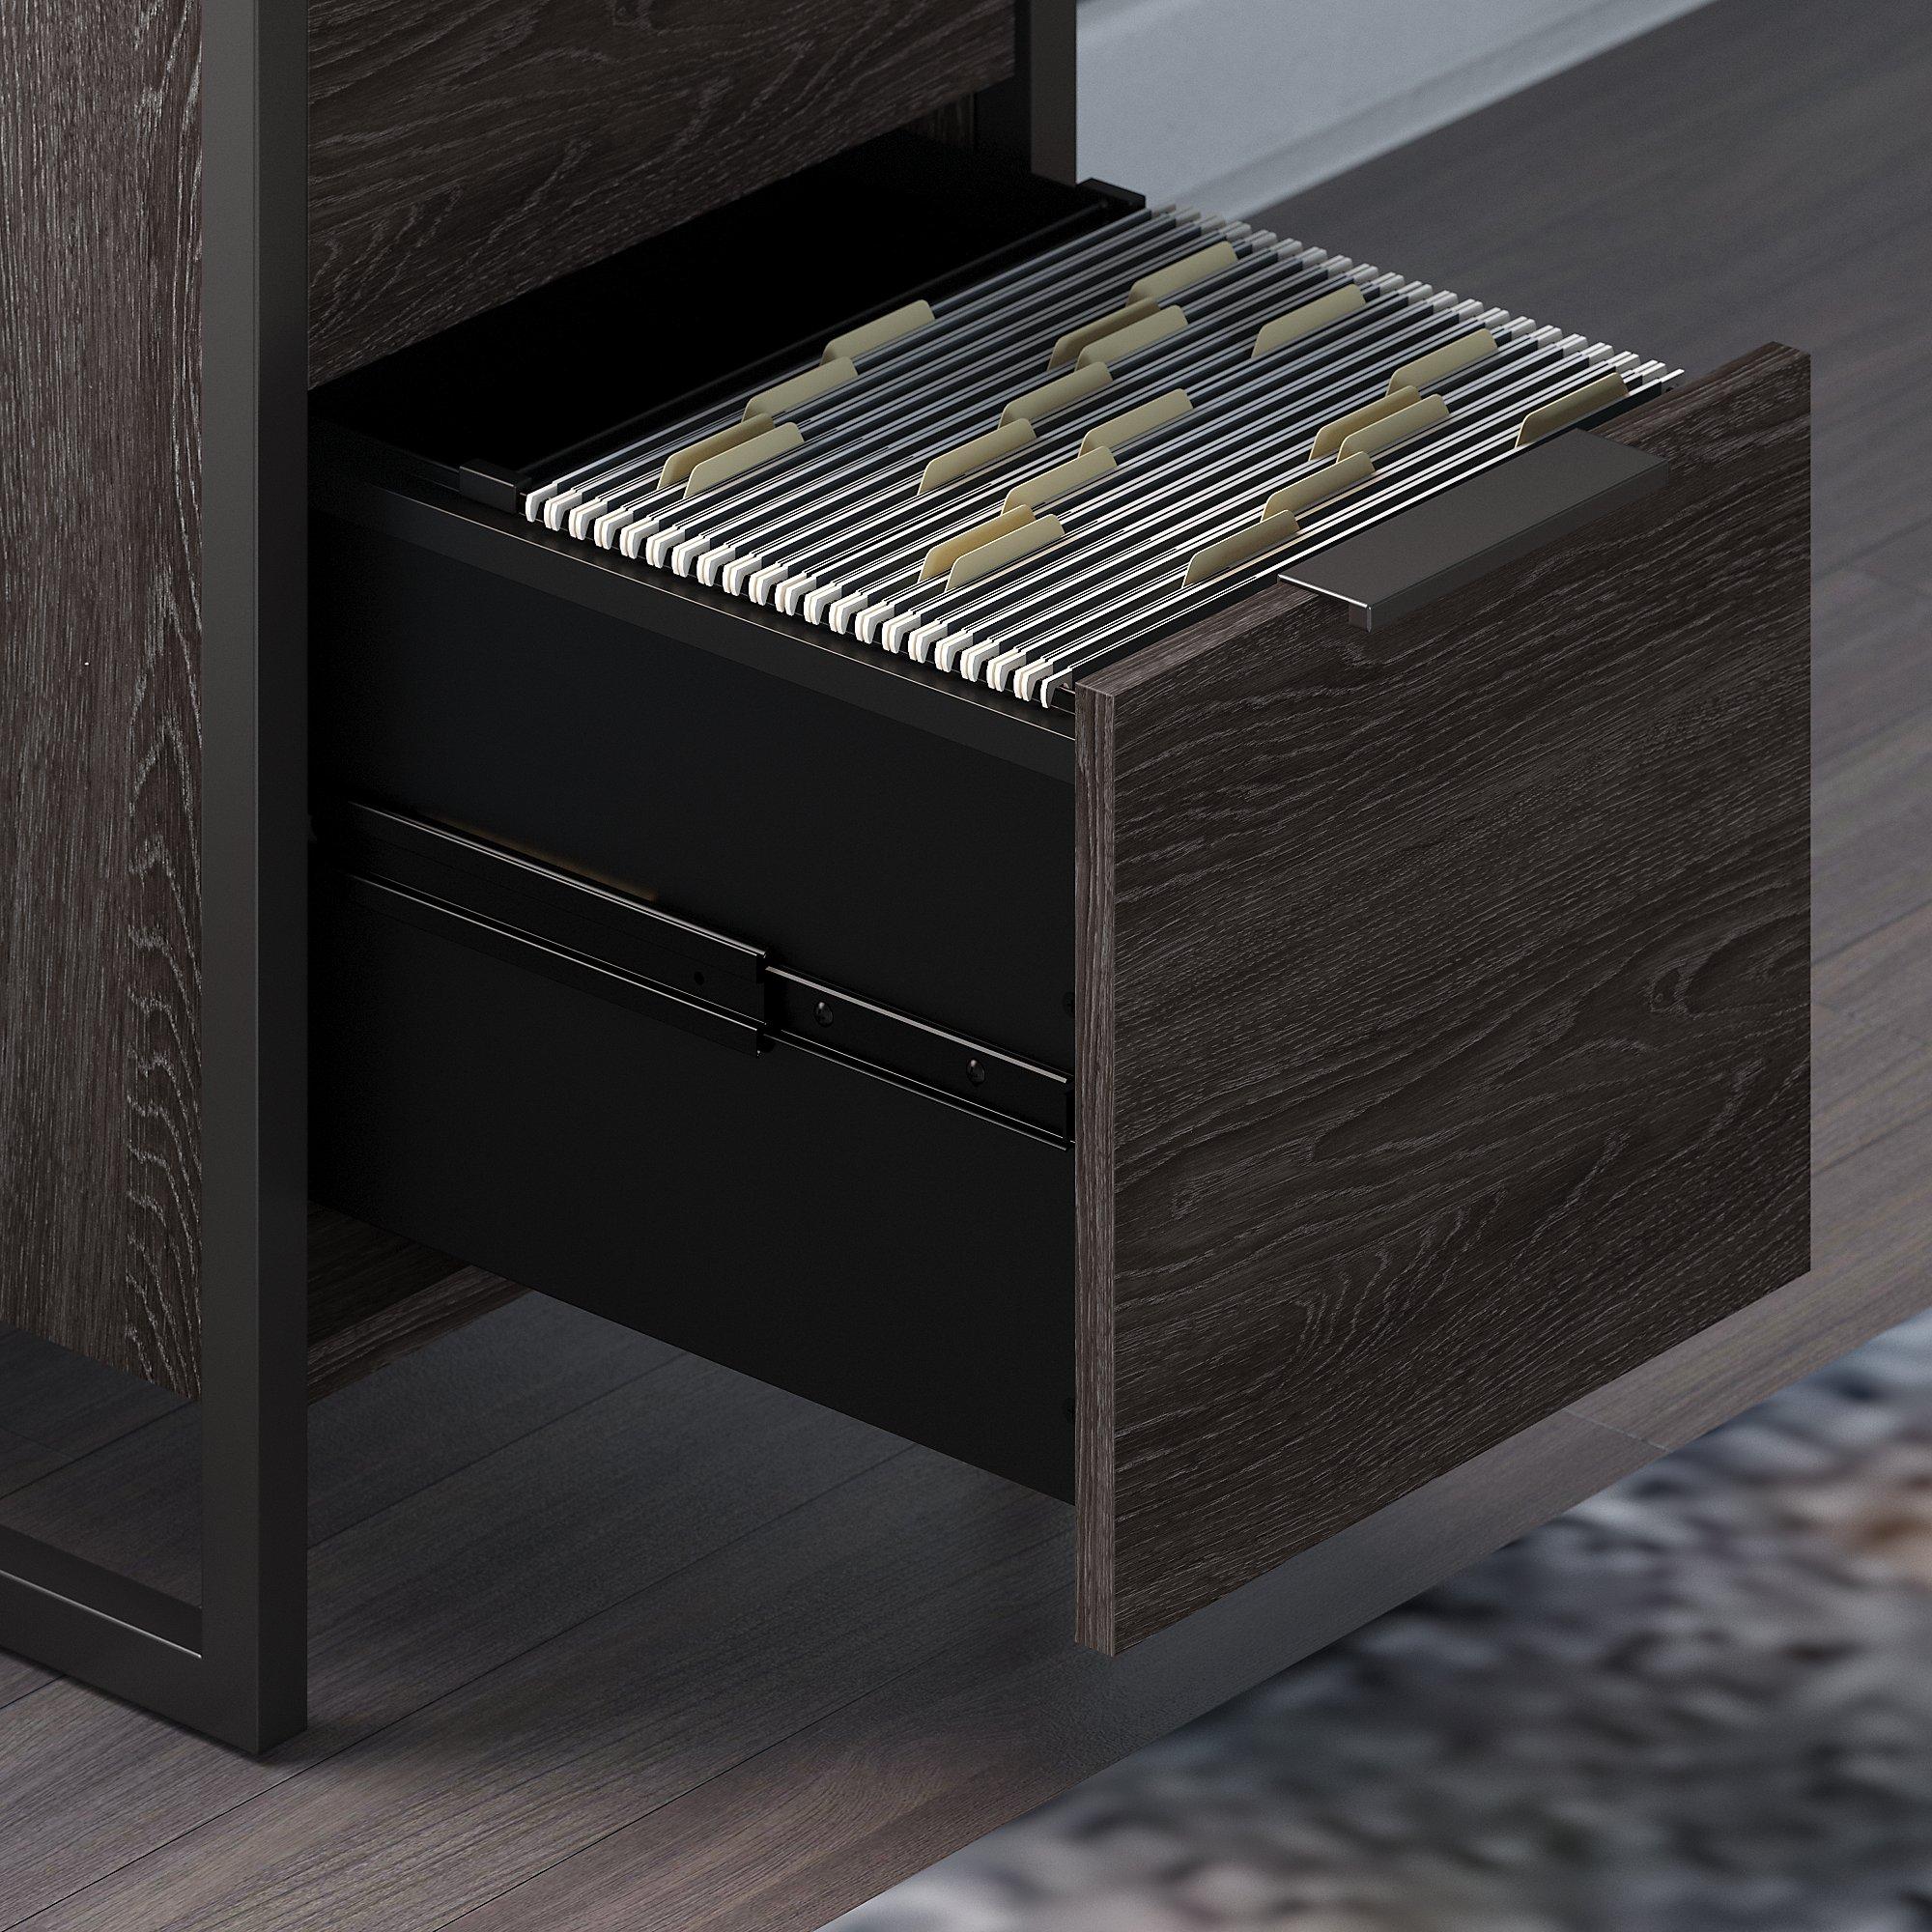 kathy ireland file drawer